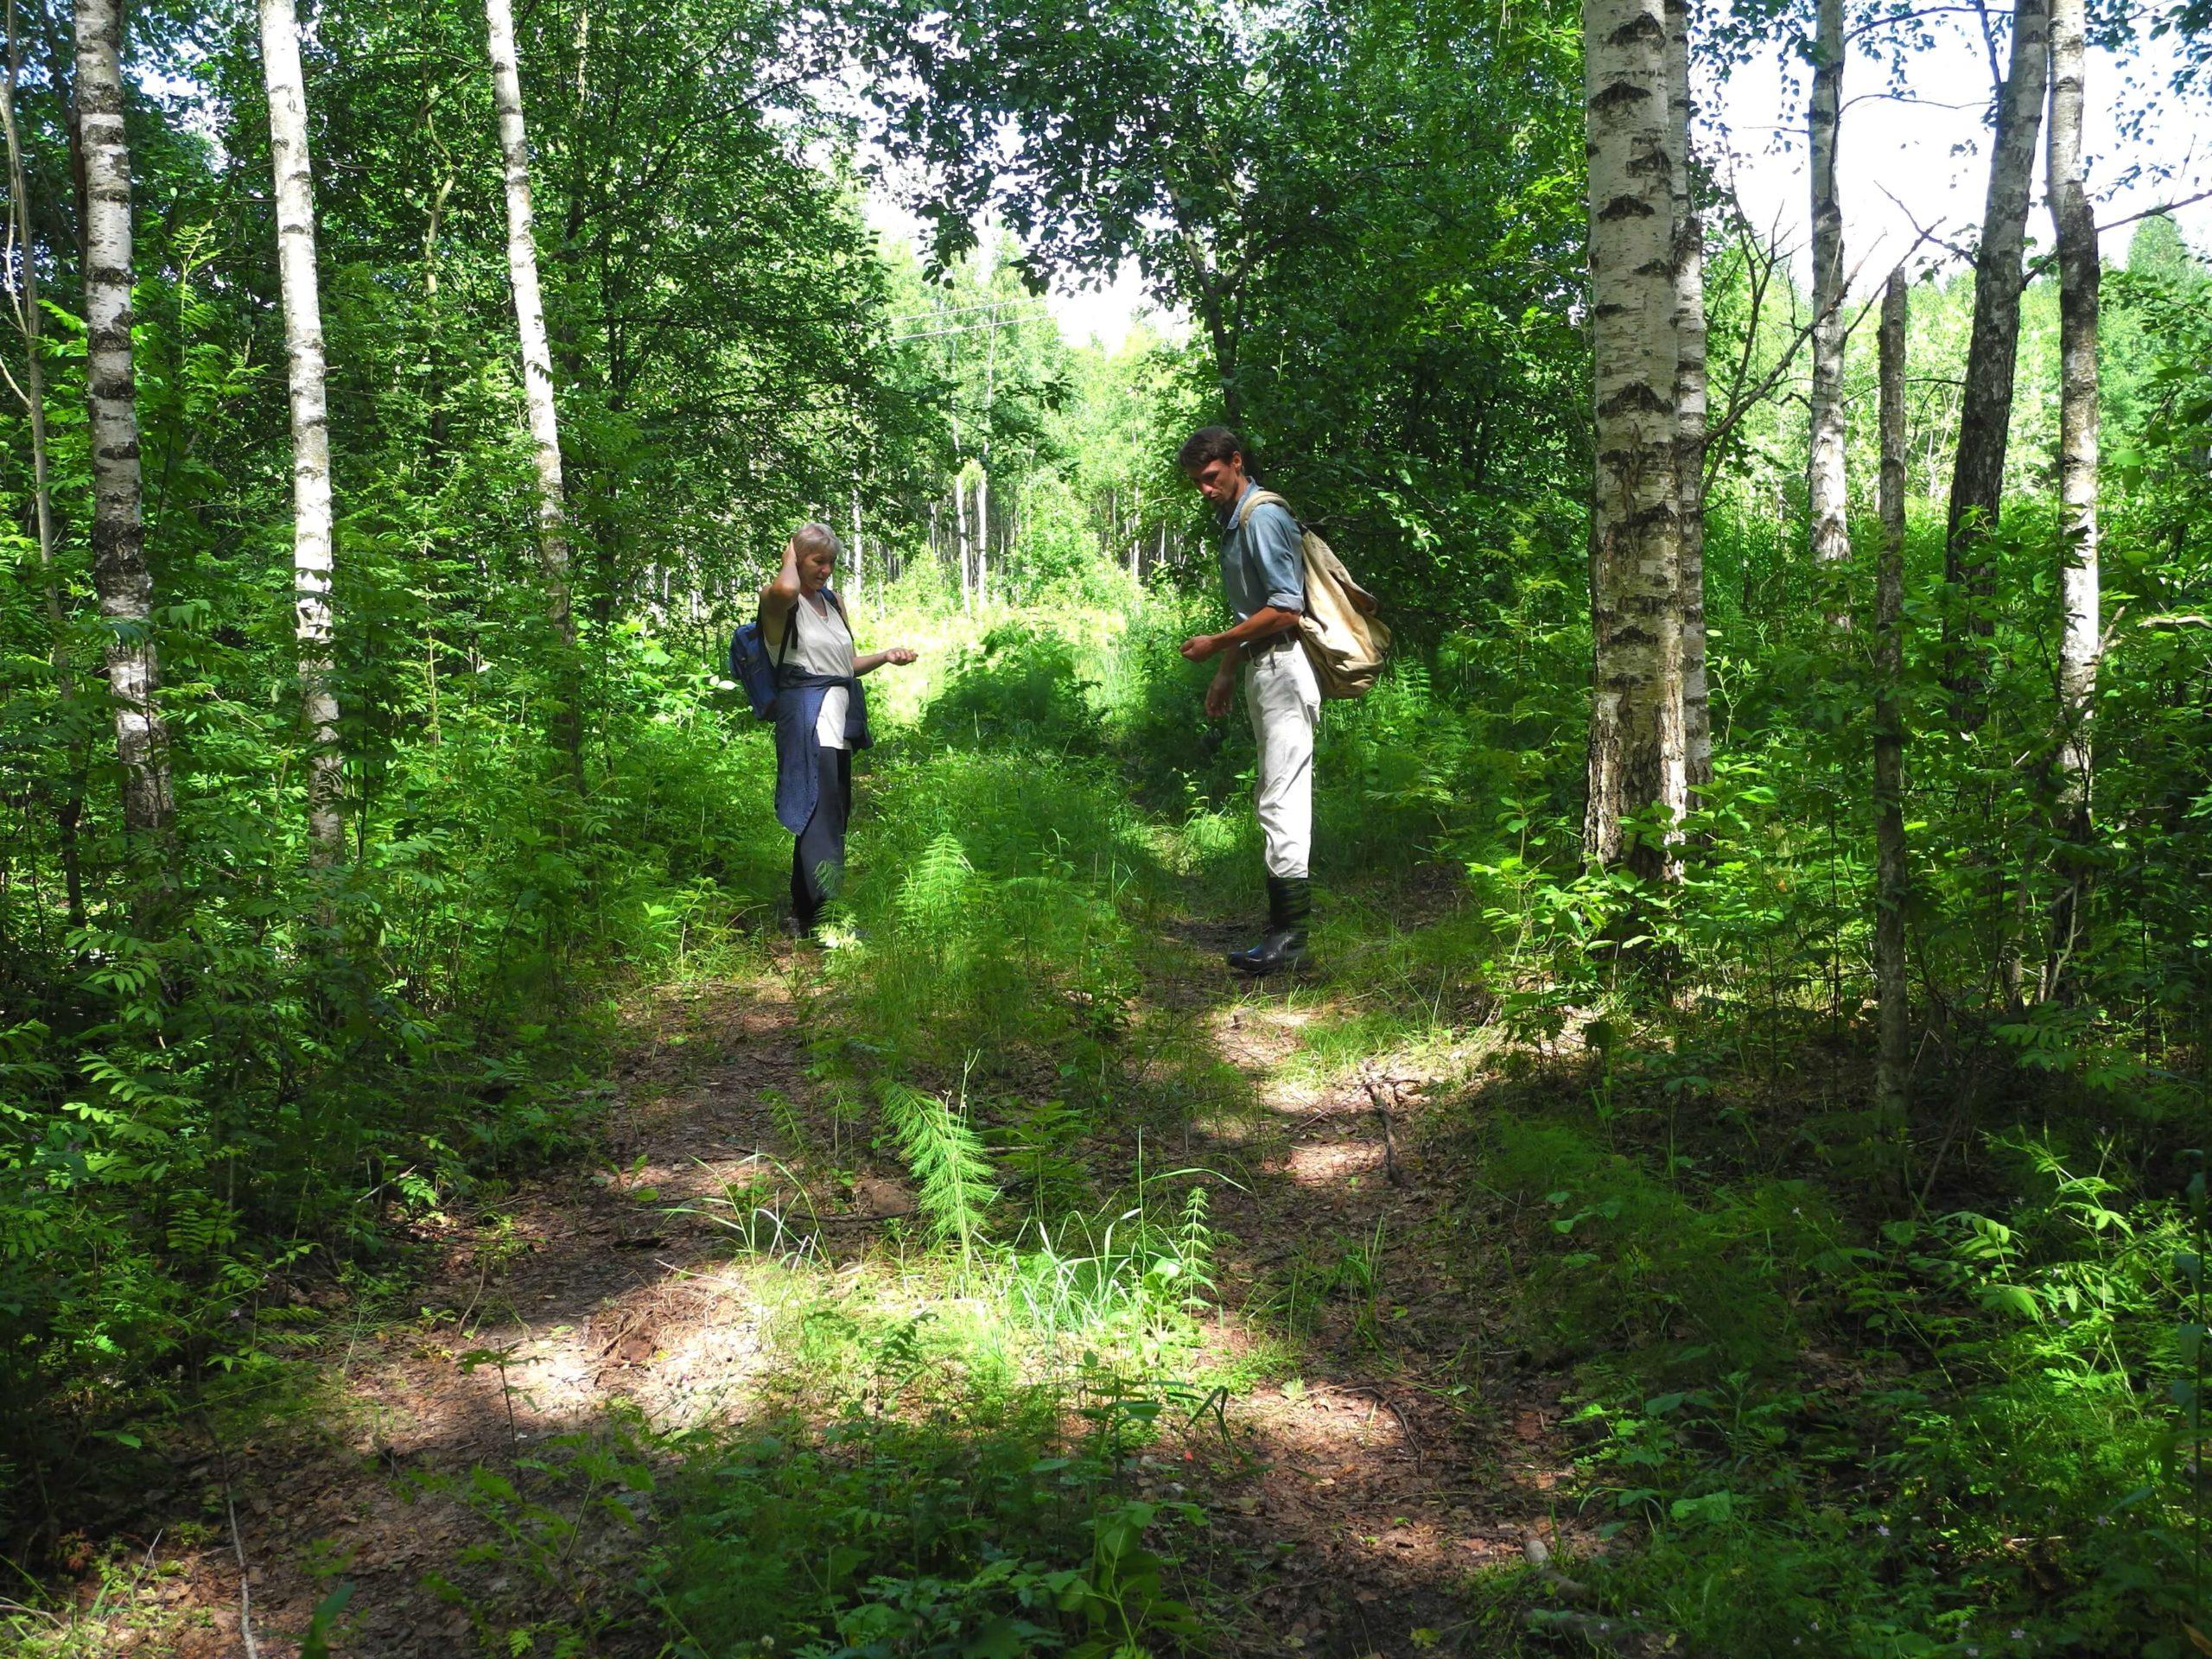 общение в лесу